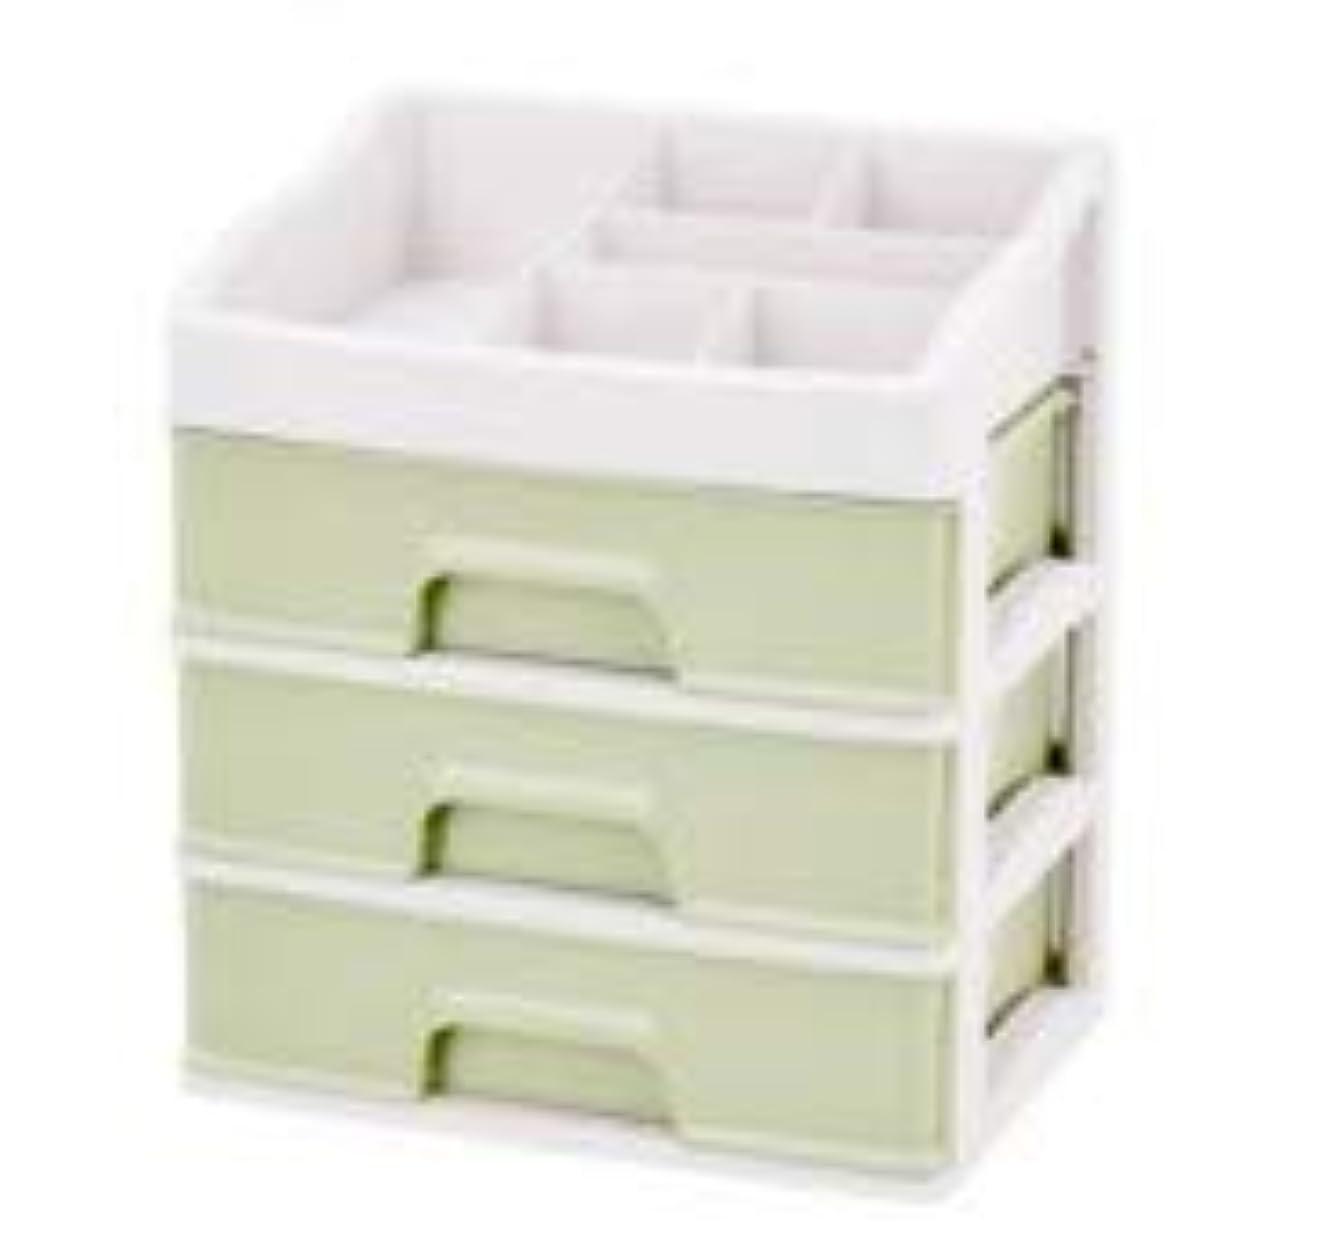 マディソンバンクアカデミー化粧品収納ボックス引き出しデスクトップ収納ラック化粧台化粧品ケーススキンケア製品 (Size : L)